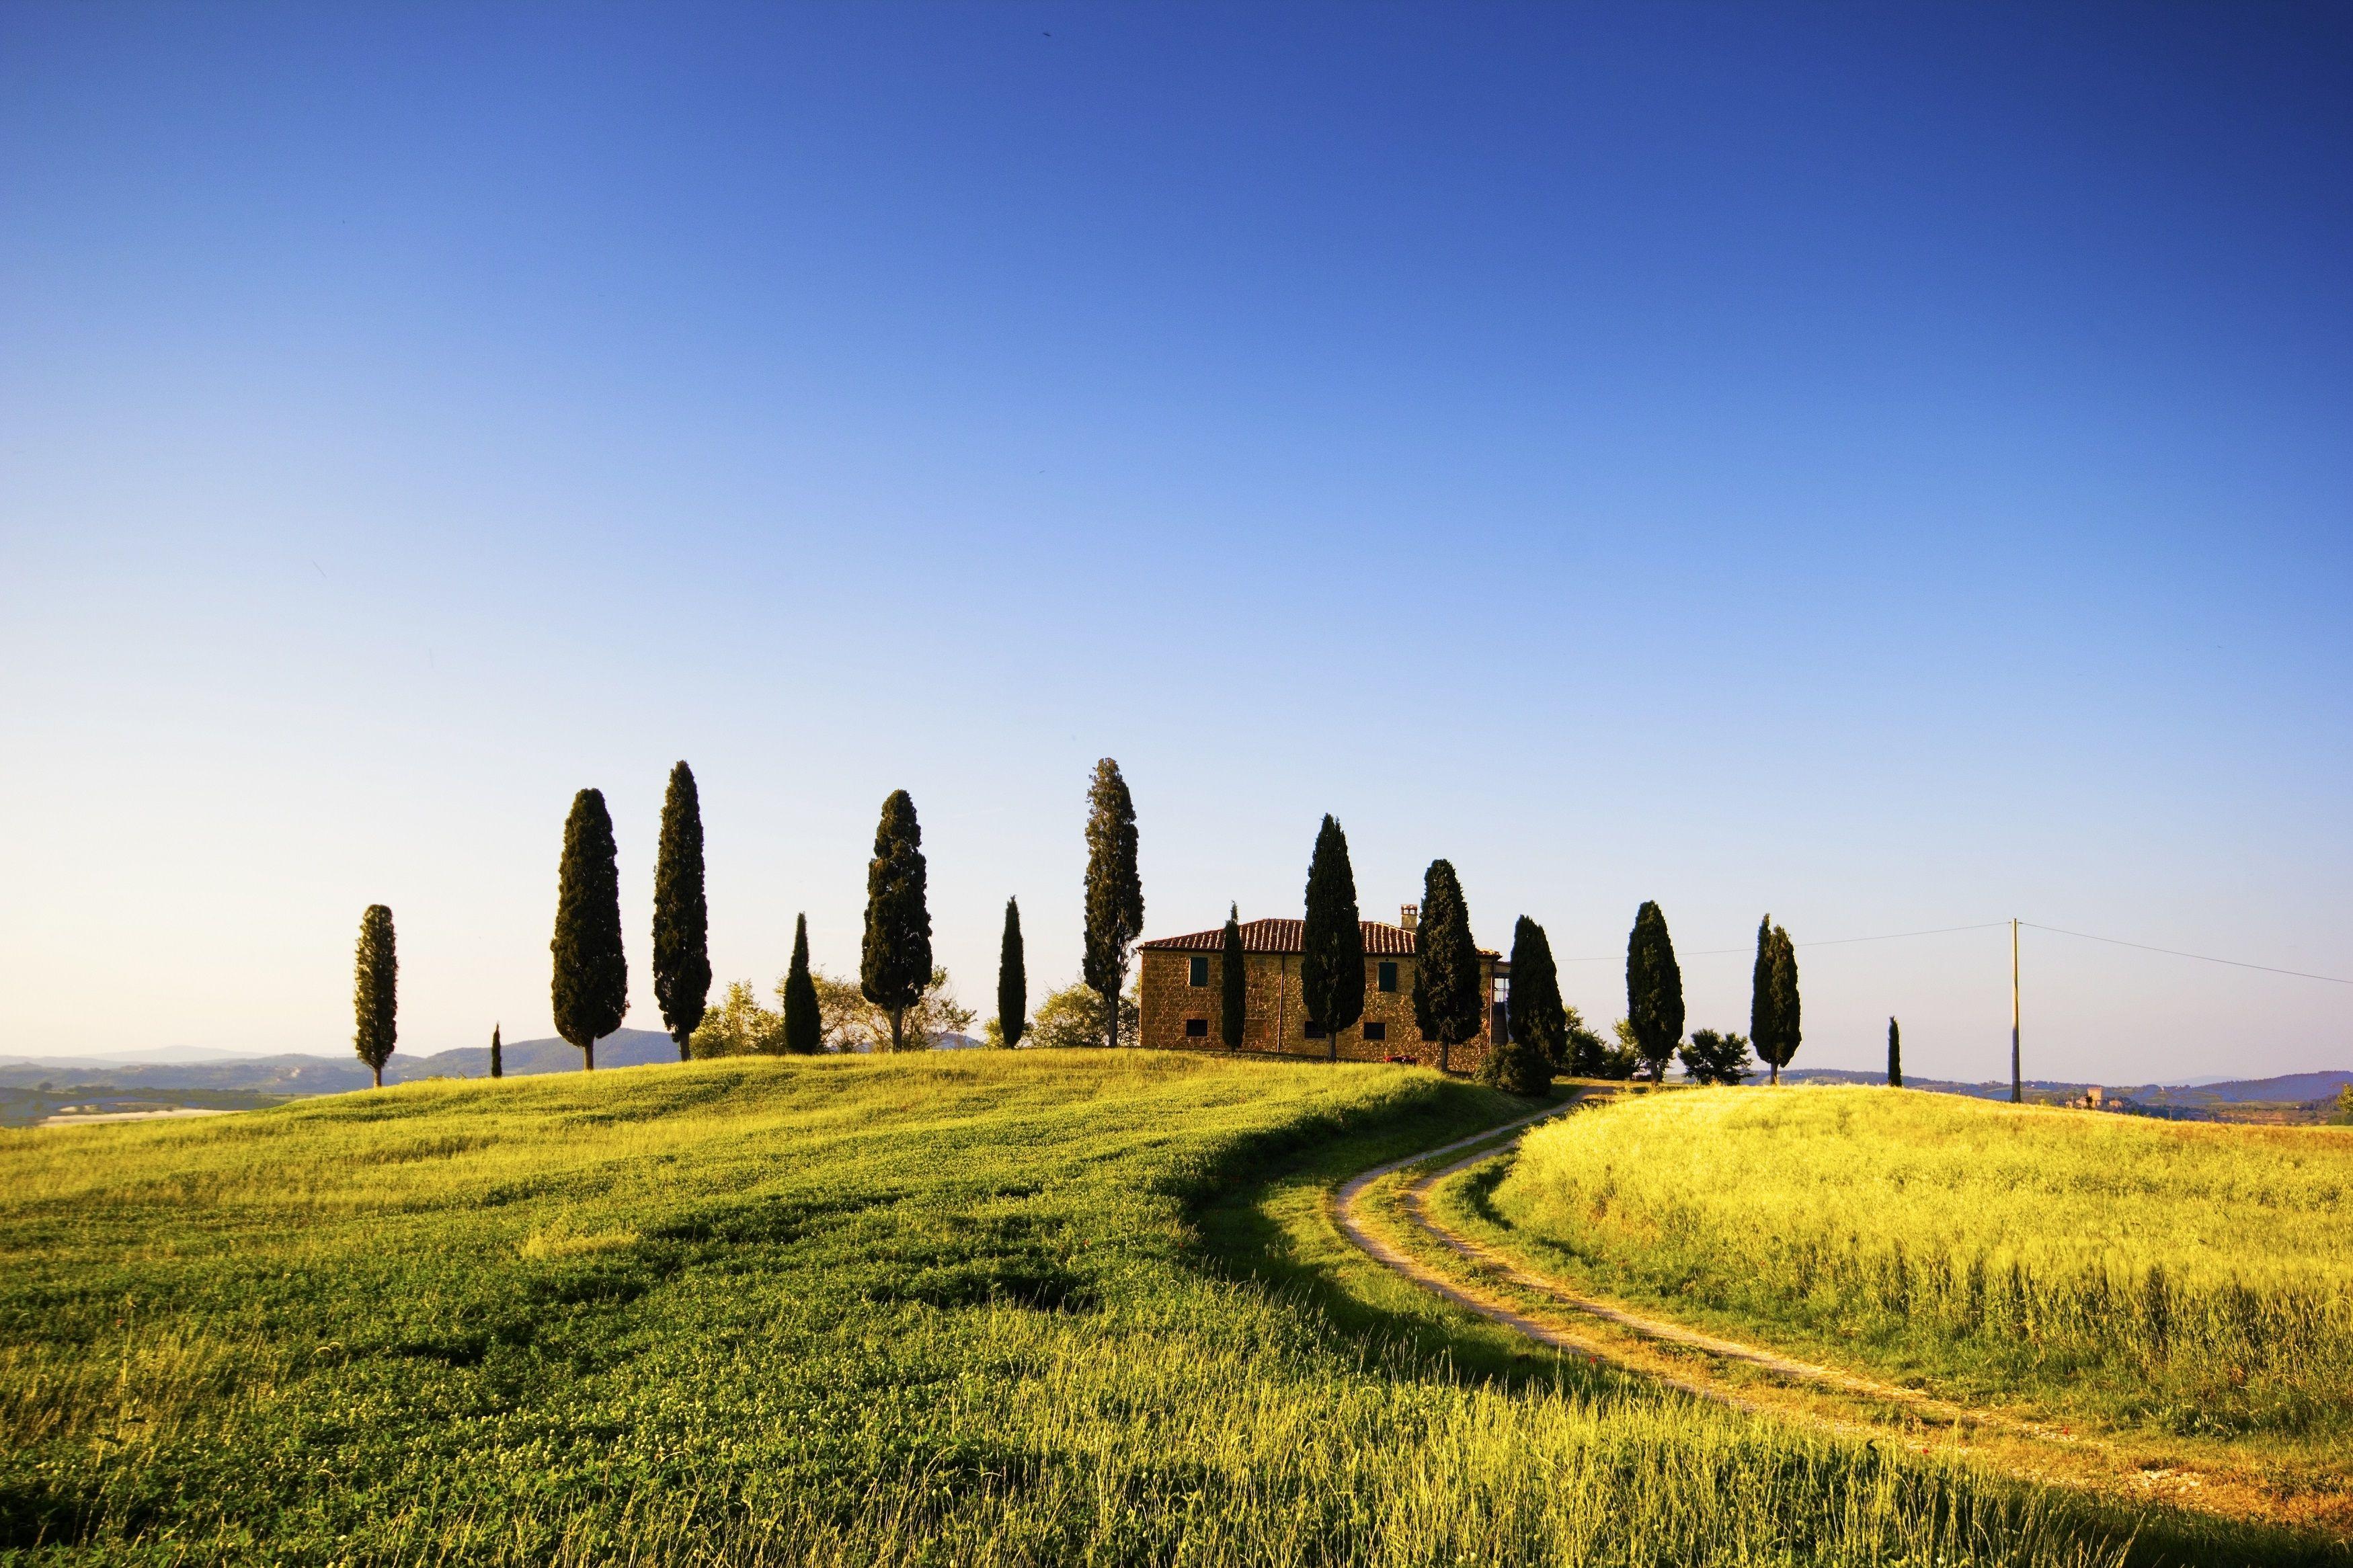 Landhaus Mit Zypressen Ein Typisches Bild In Der Toskana Italy Destinations Toskana Italien Reisen